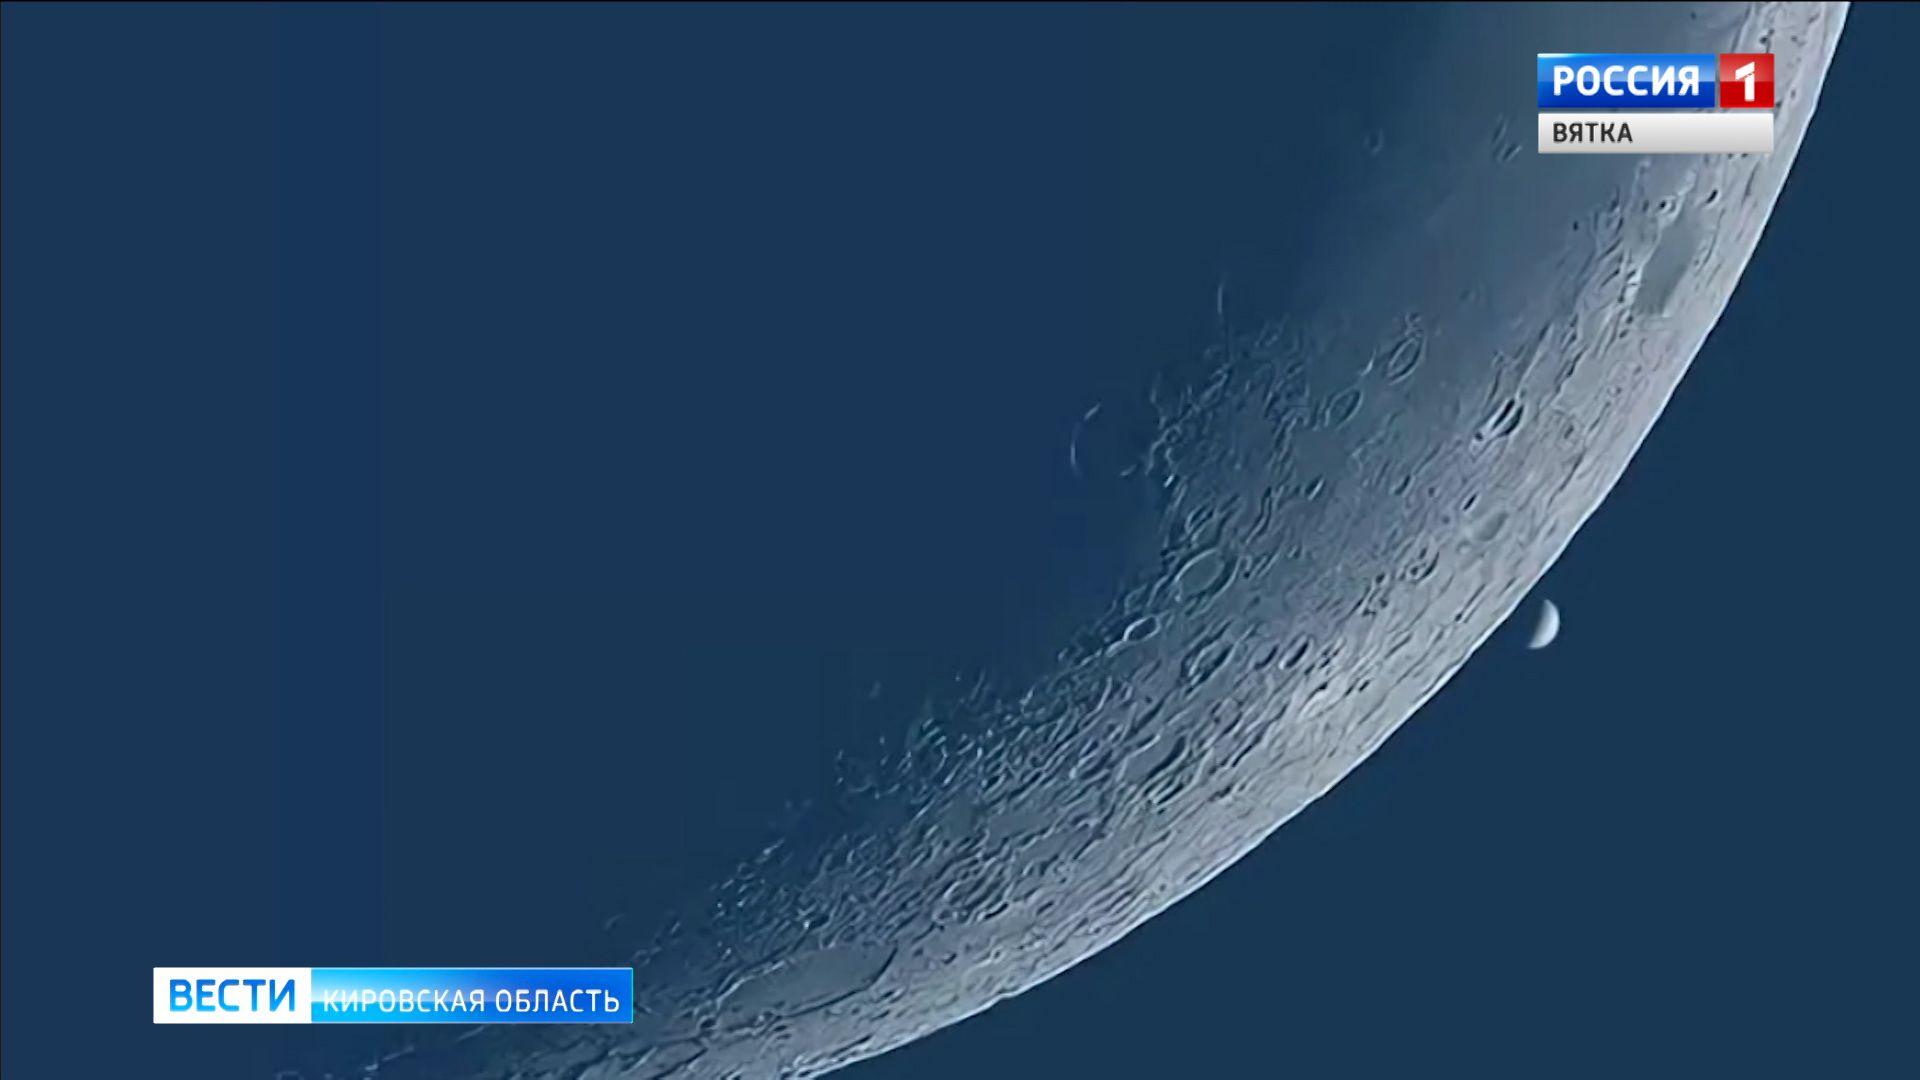 У любителей метеорологии наступило наилучшее время для наблюдения за Венерой